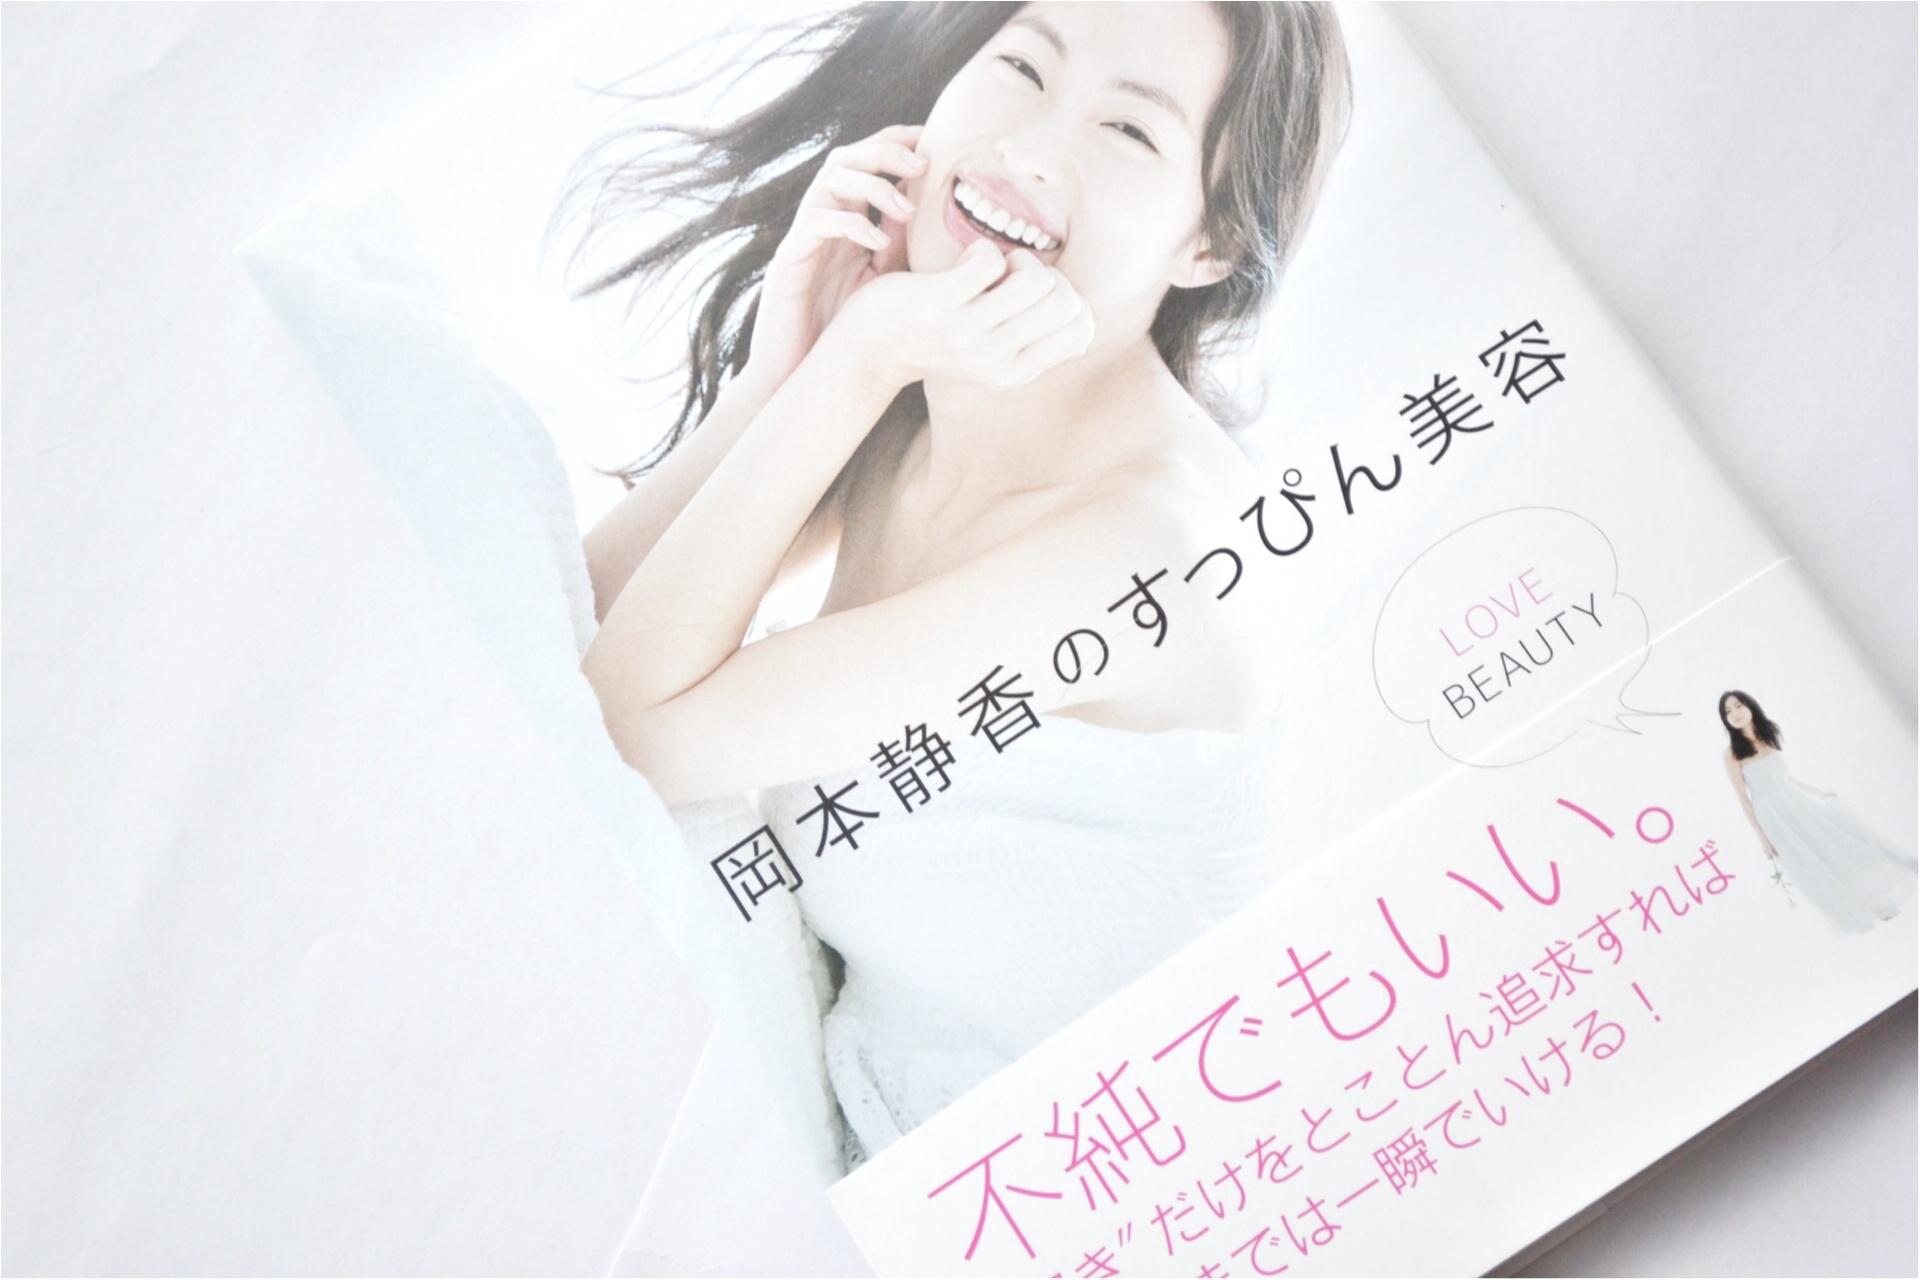 必要なことはわたしの肌が教えてくれる♡岡本静香さんに学んだ3つの美のヒント*゚+゚*゚_5